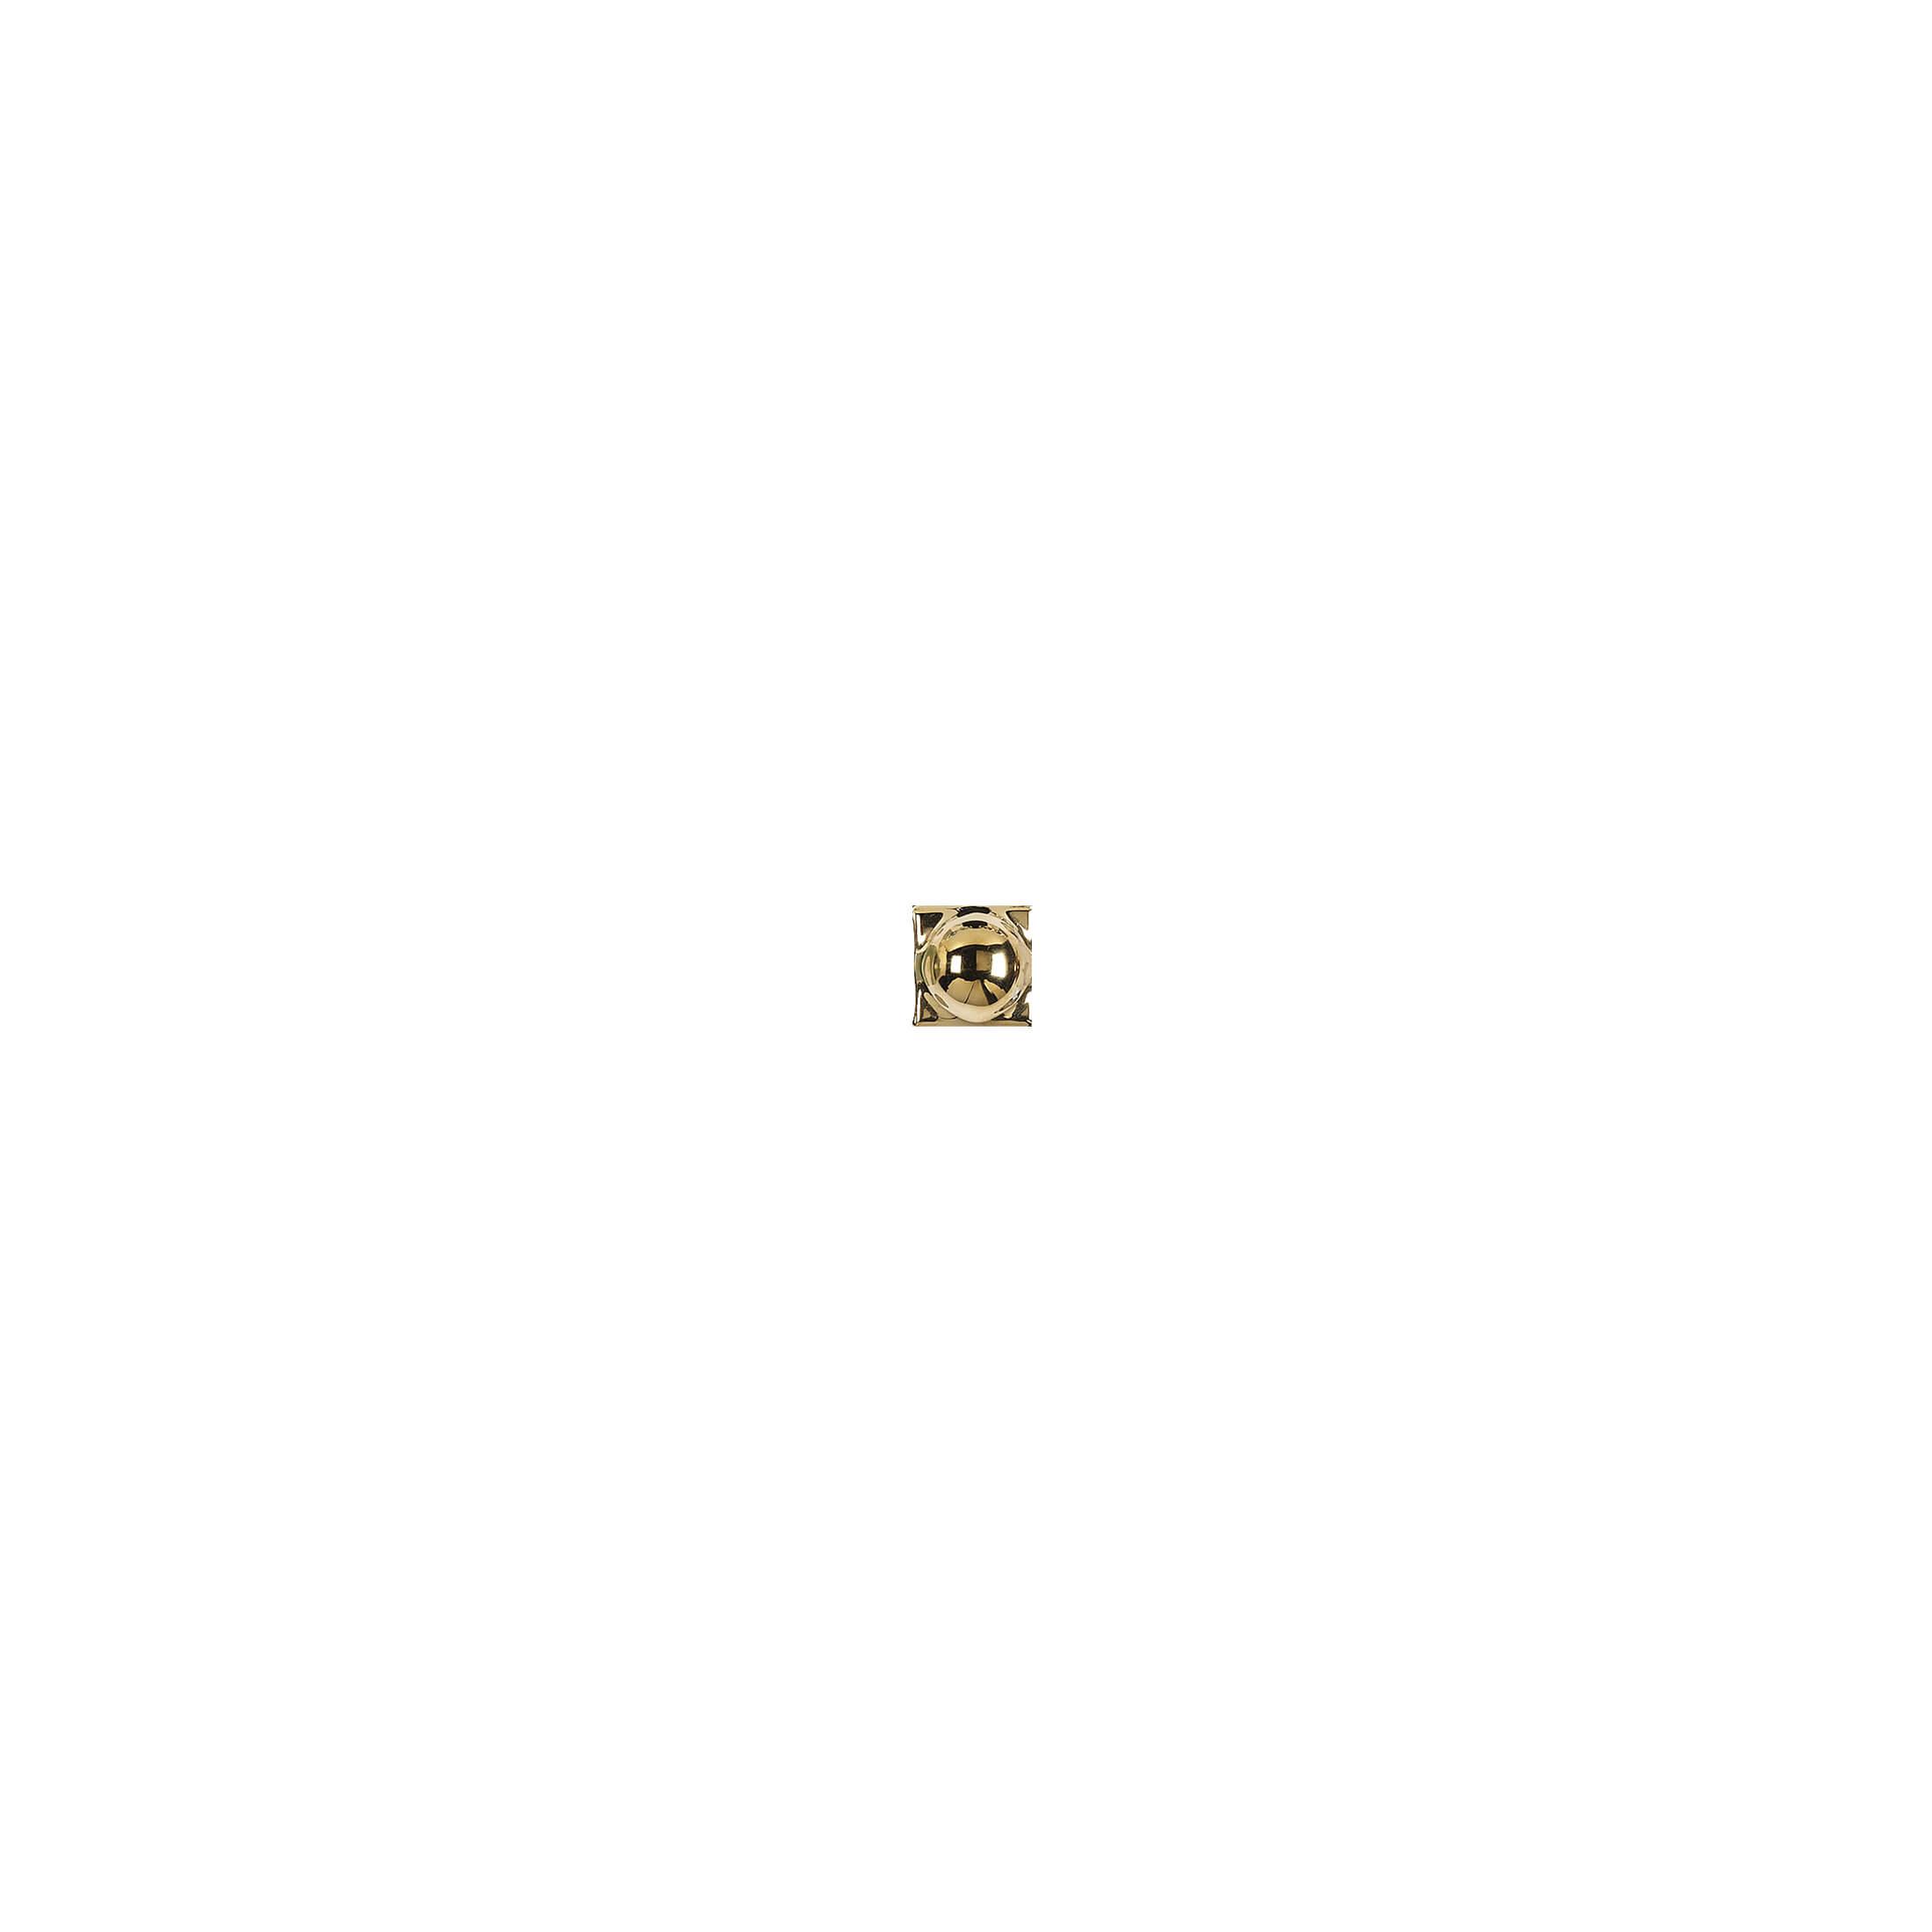 ADNE8059 - TACO ESFERA ORO - 2 cm X 2 cm